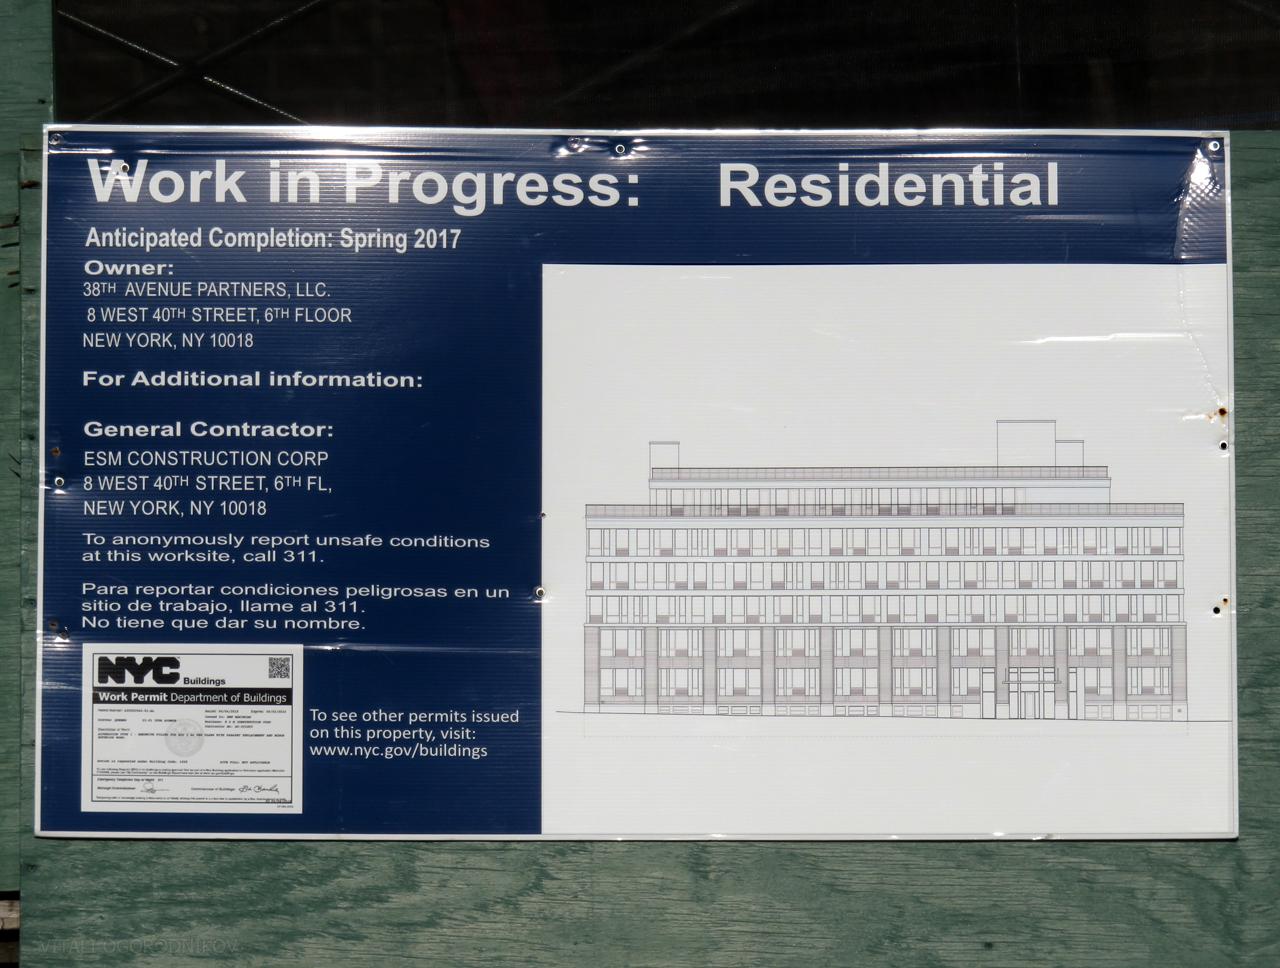 IMG_9888-33-01-38th-Avenue-board-small-wmark